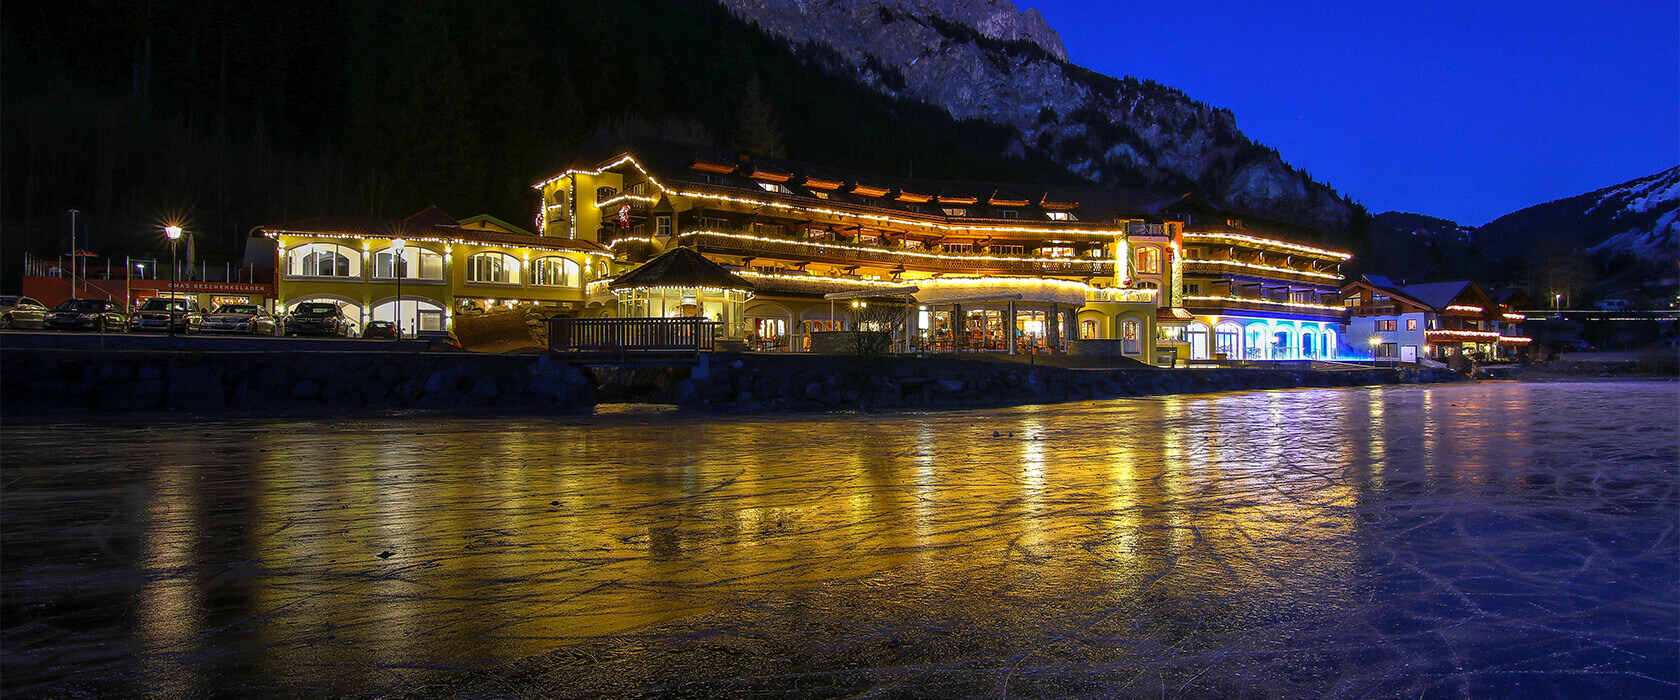 Eislaufen / Schlittschuhlaufen am Haldensee in Tirol